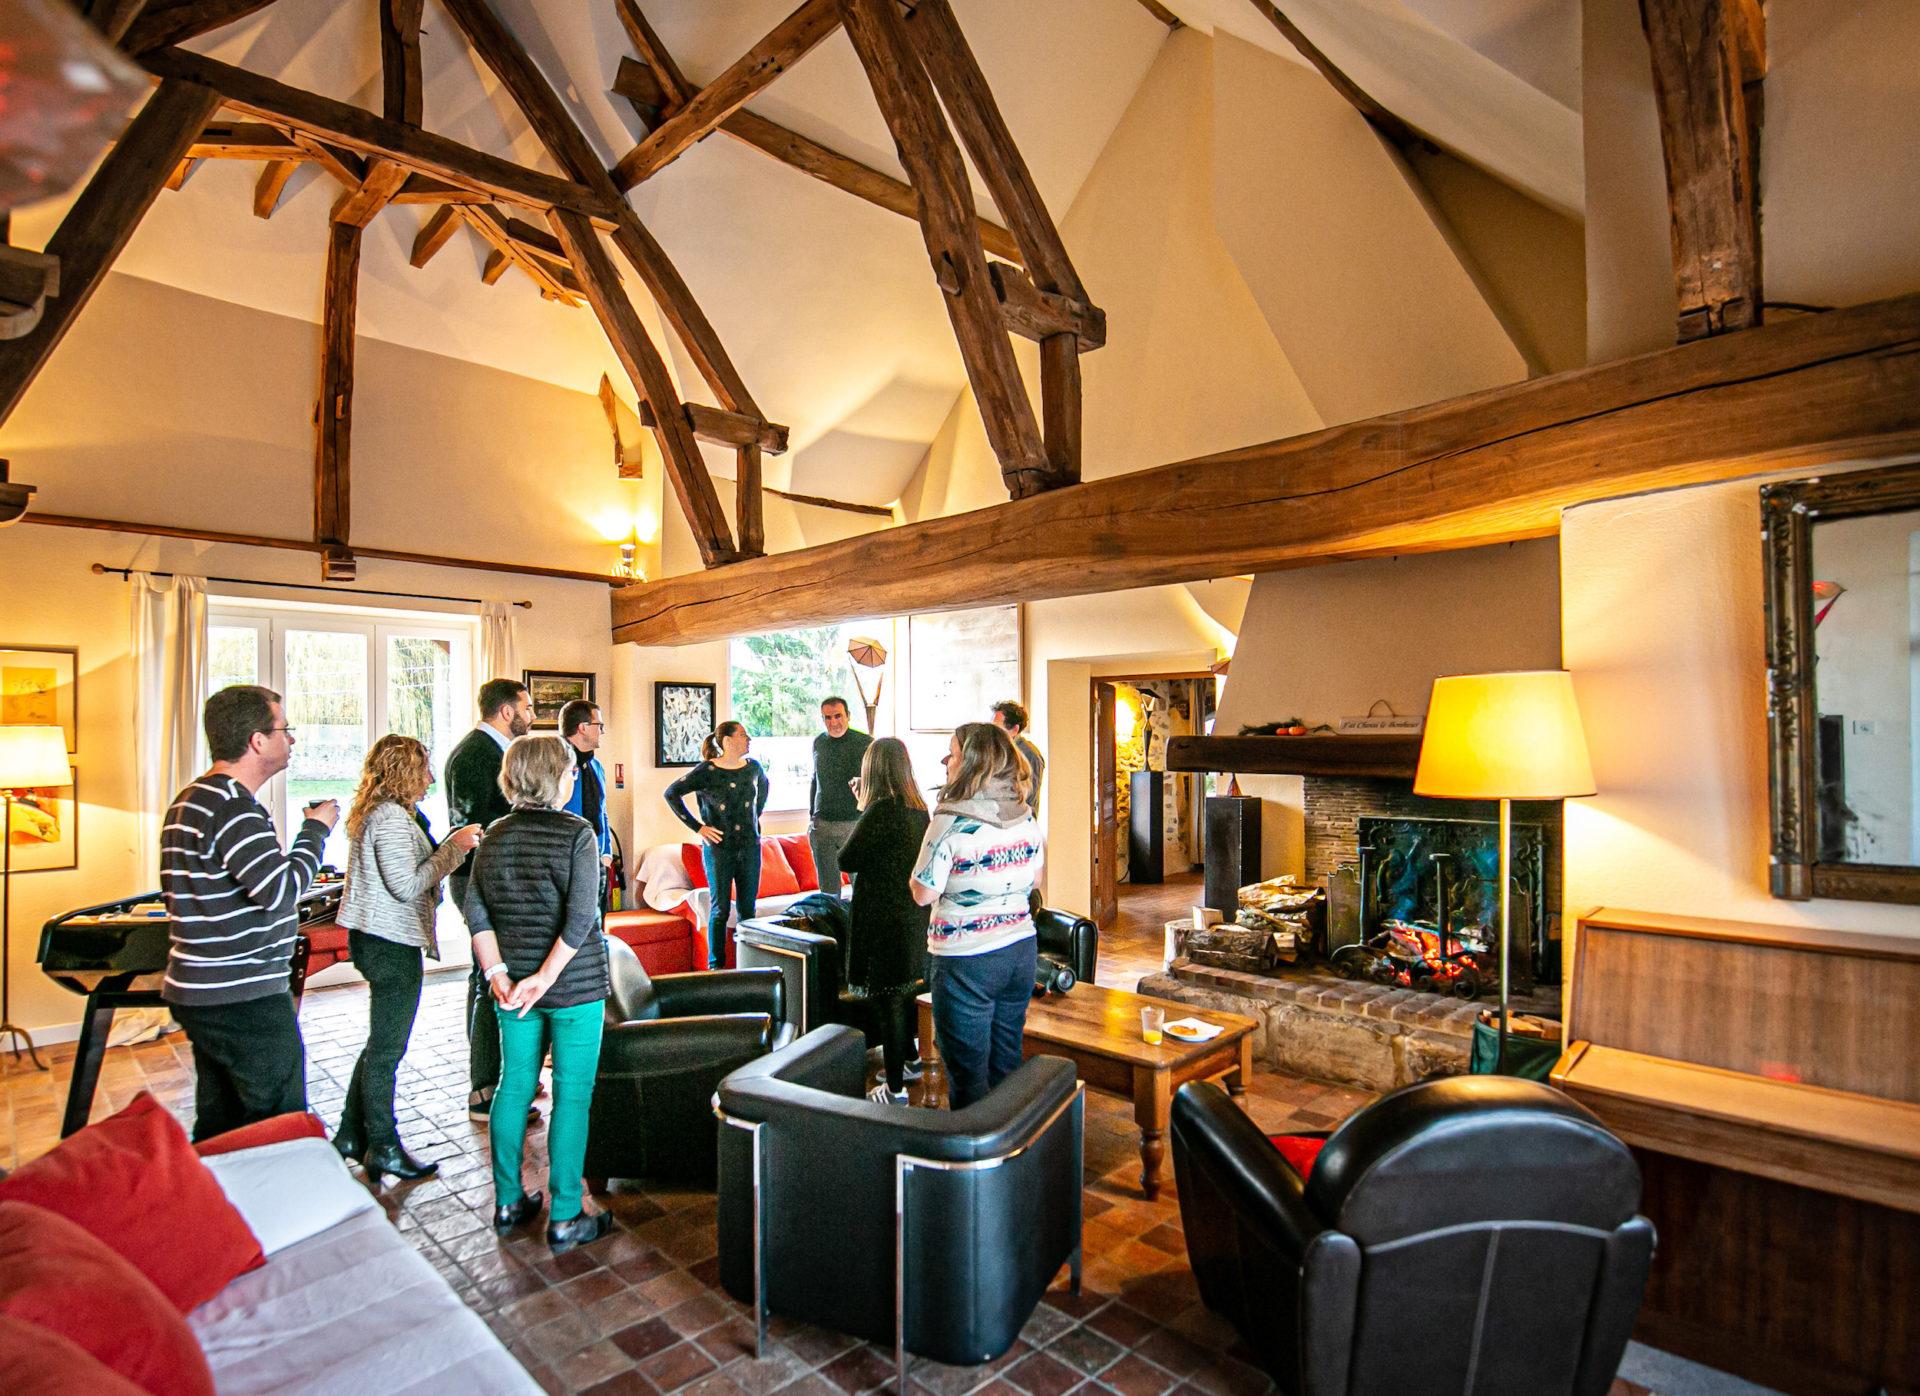 Salon espace détente séminaire réunion teambuilding La Thibaudière par Clapinstant